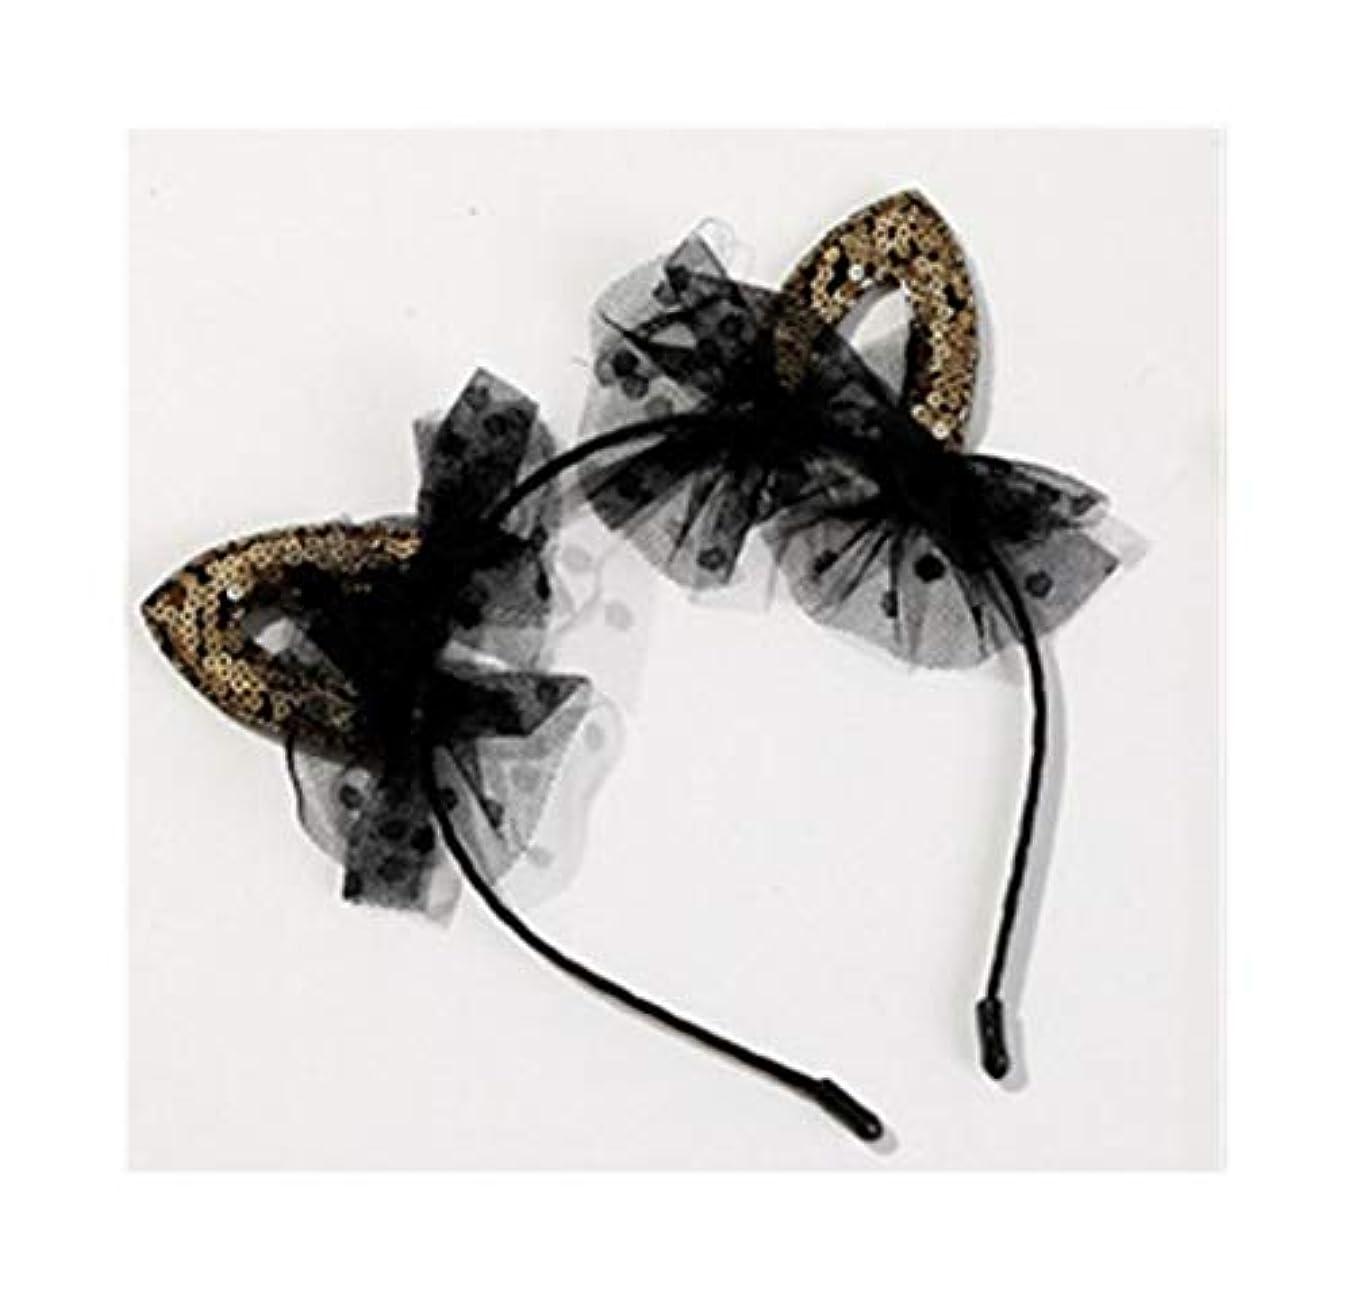 医療過誤上昇リハーサルクリスマスの枝角は、女性のかわいい黒猫耳カチューシャ大人のティアラヘアアクセサリーヘッドバンドヘアピン子供レースの金猫耳をひもで締めます (Color : Black, Size : 11.5cm)